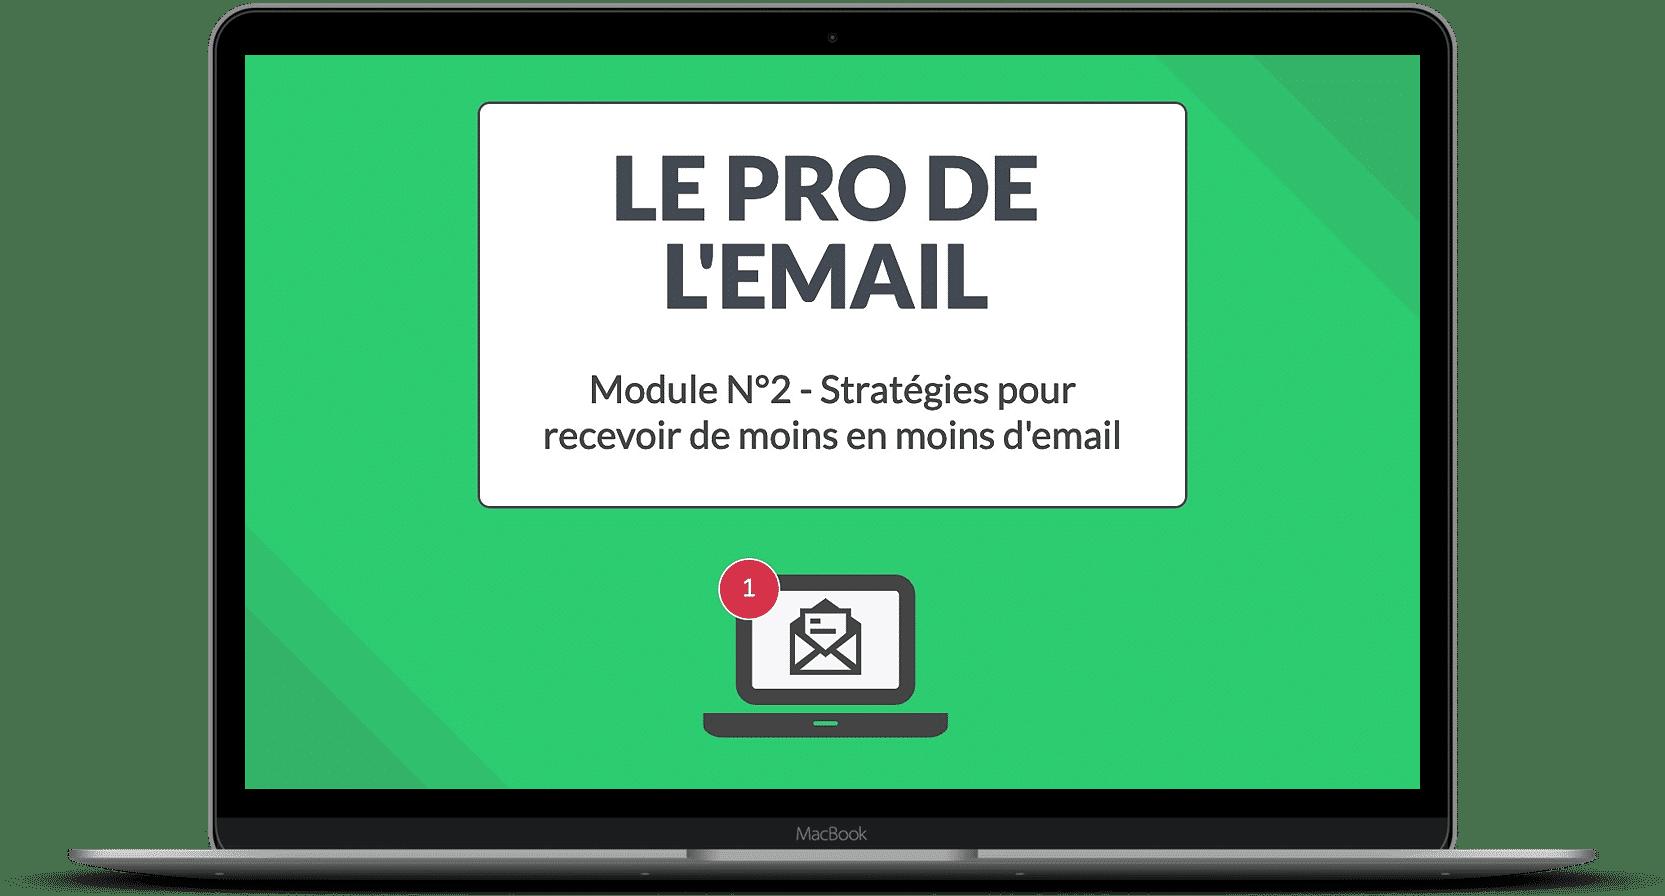 Module N°2 - Stratégies pour recevoir de moins en moins d'email